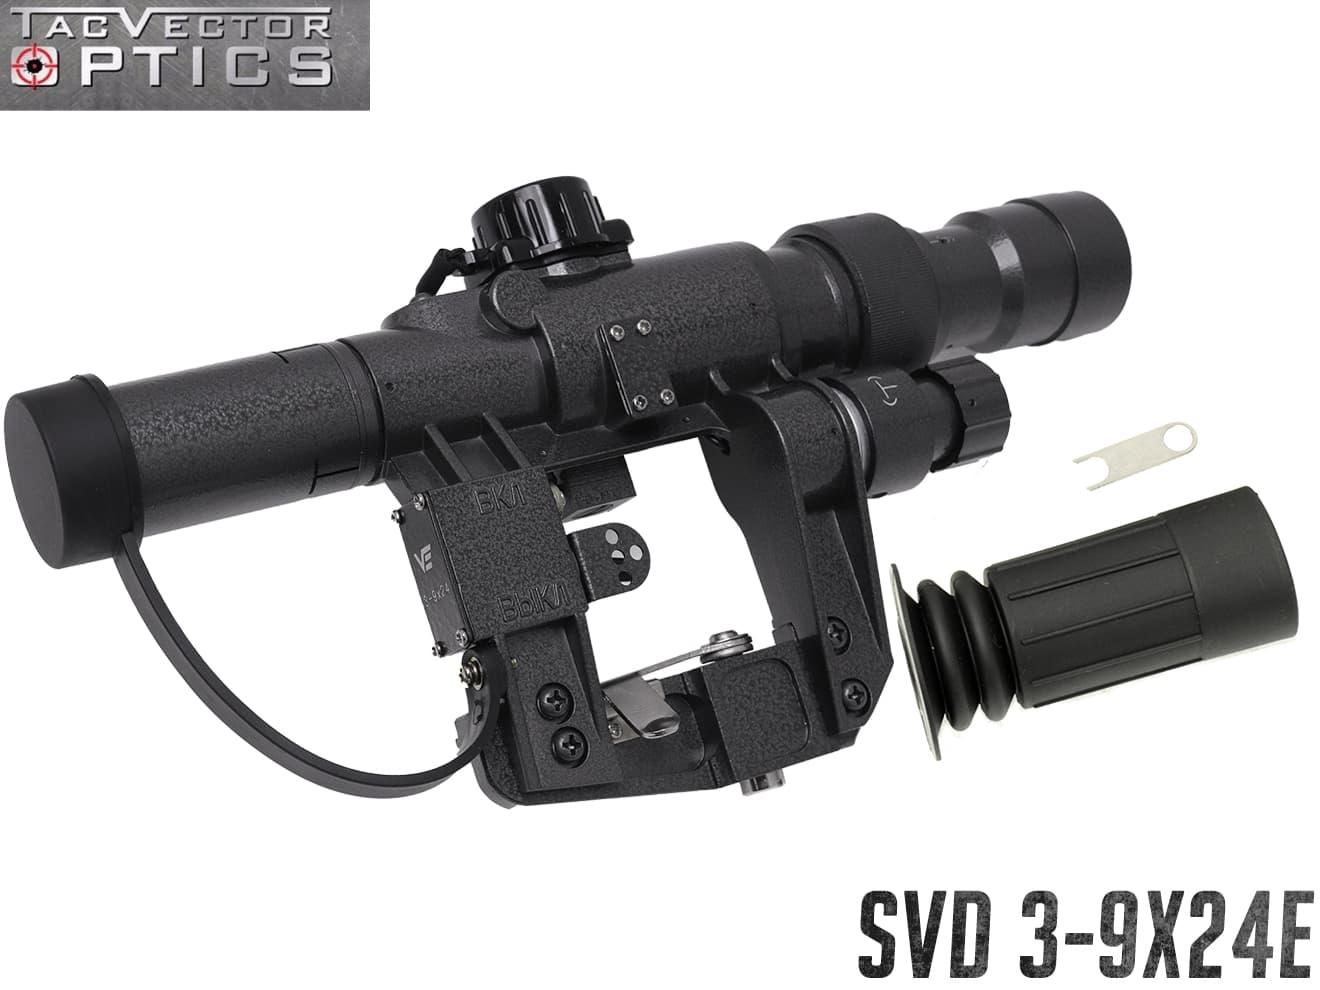 VECTOR OPTICS SVDスタイル 3-9x24E ライフルスコープ◆ SVDスタイルスコープ フルマルチコートレンズ採用 実銃対応 各社AKシリーズ対応 SVD ドラグノフ